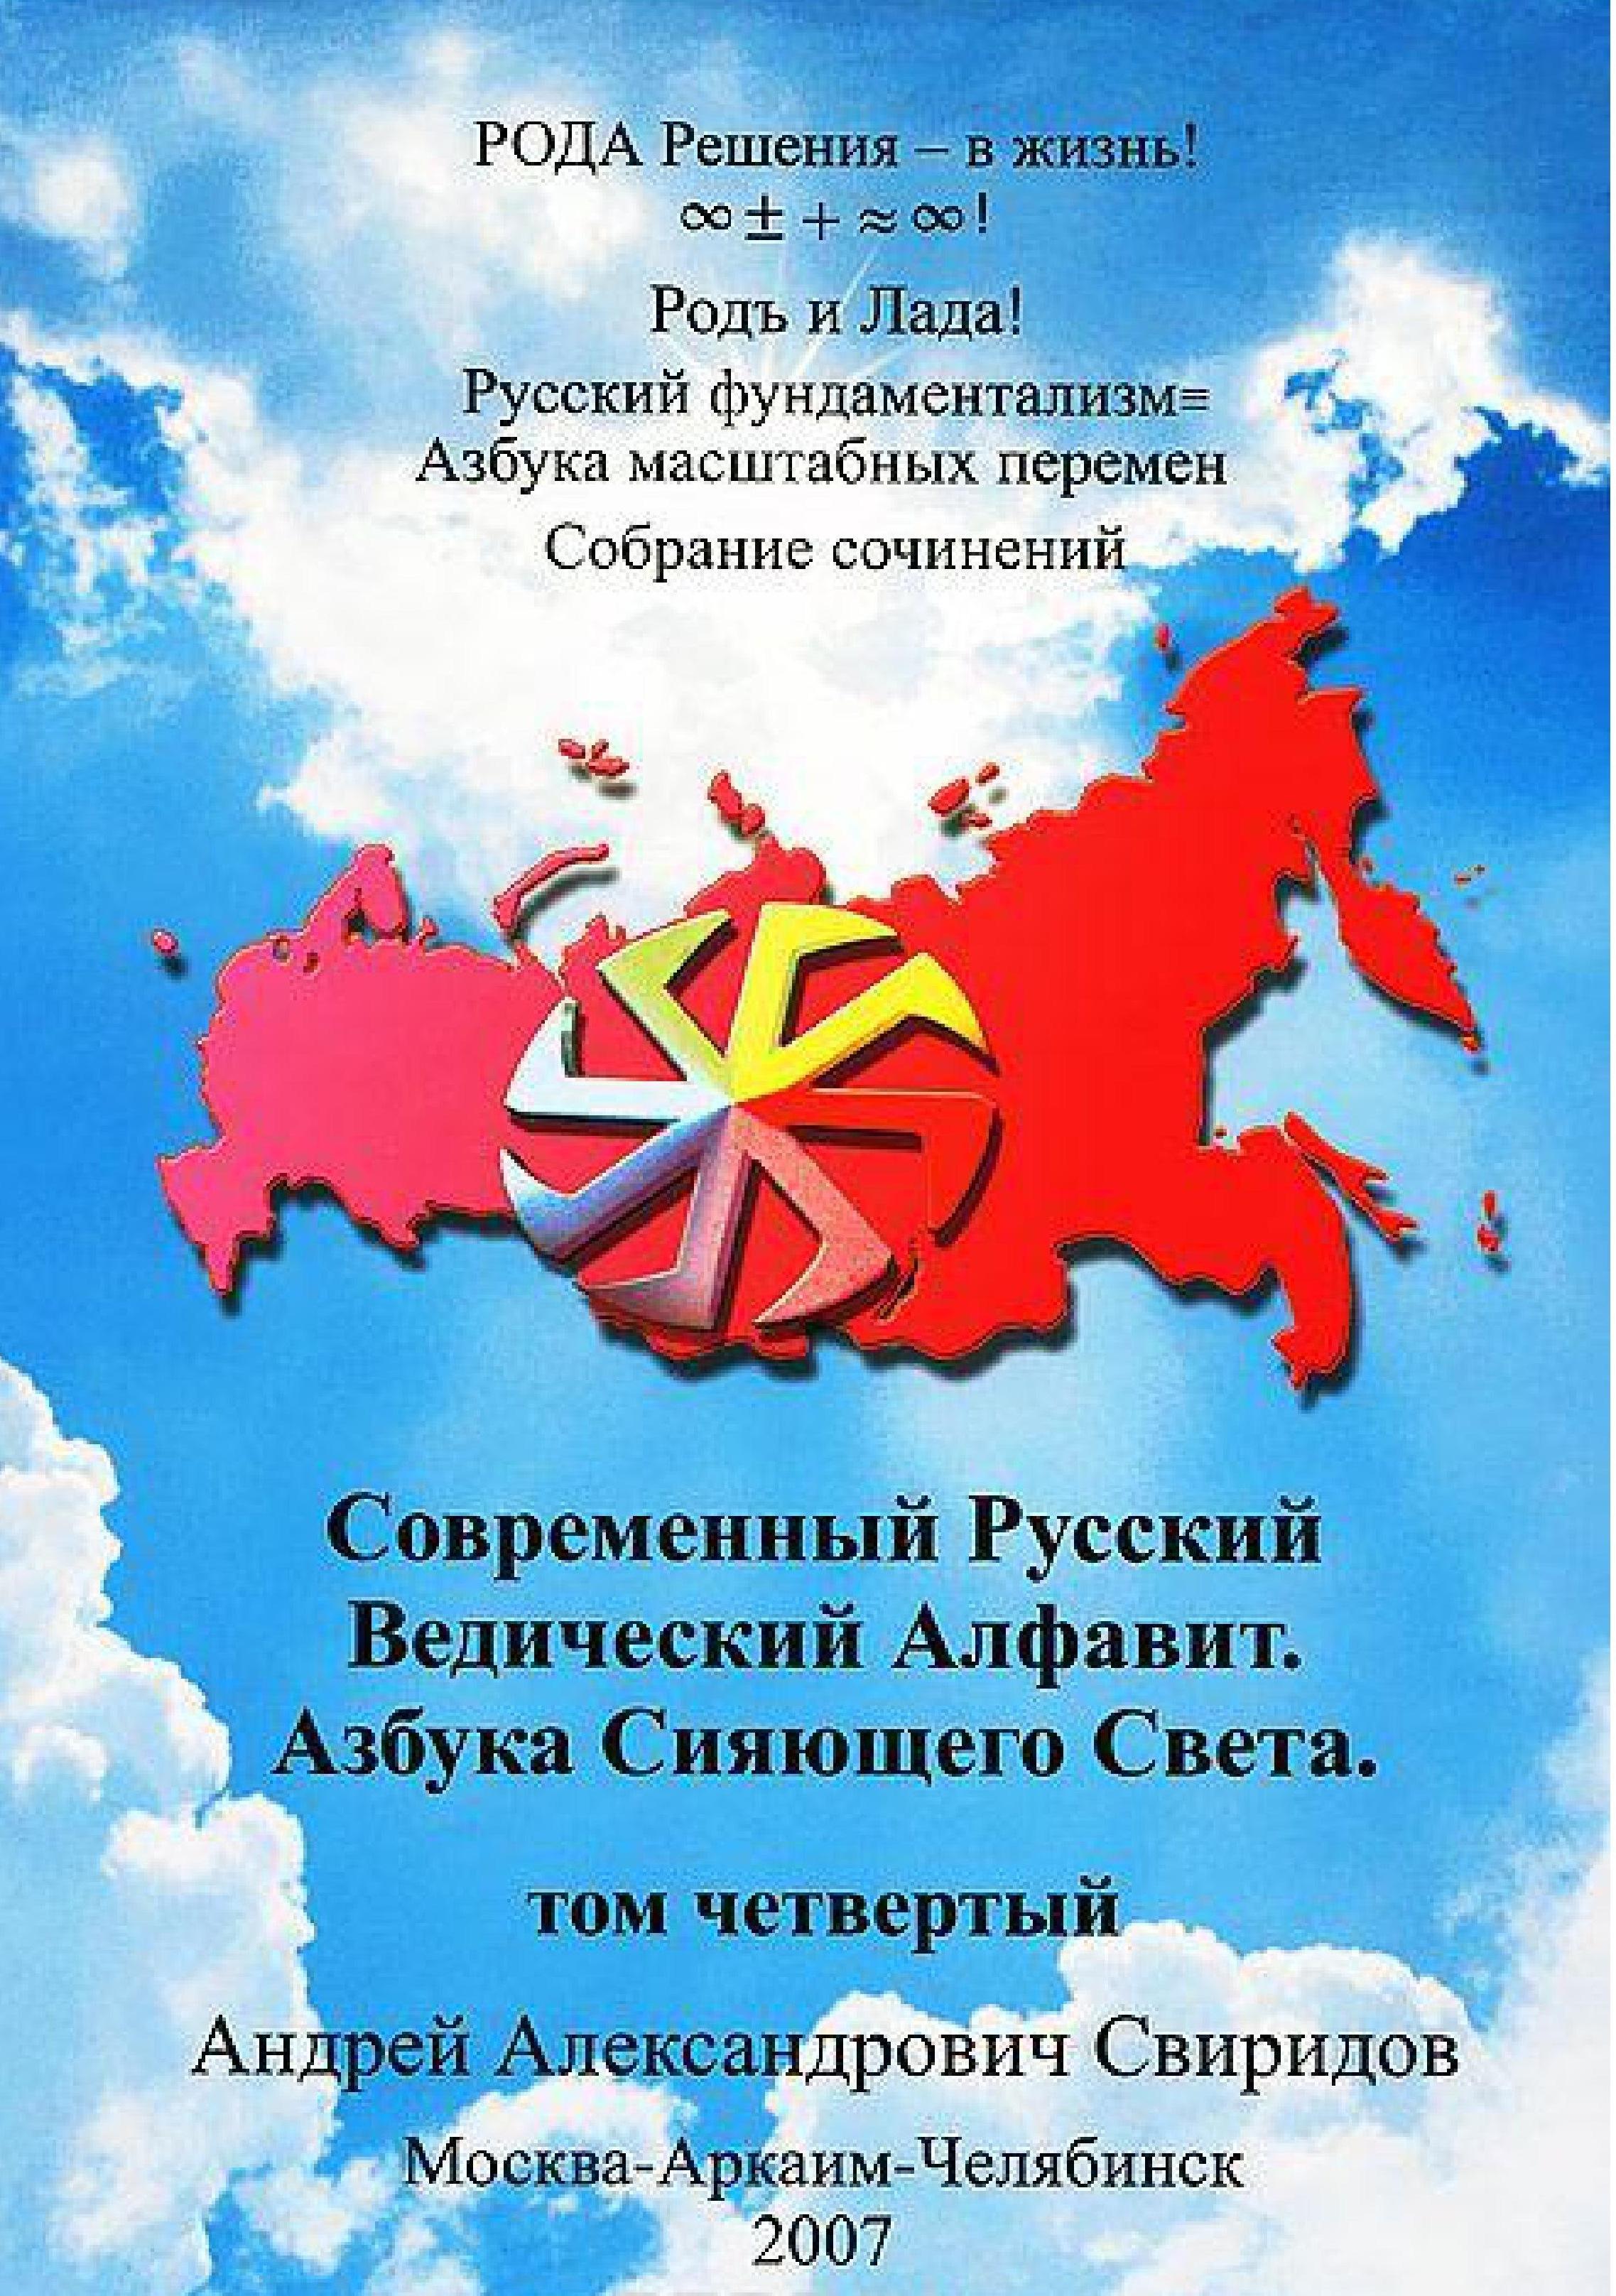 СОВРЕМЕННЫЙ РУССКИЙ ВЕДИЧЕСКИЙ АЛФАВИТ. АЗБУКА СИЯЮЩЕГО СВЕТА. 4 том